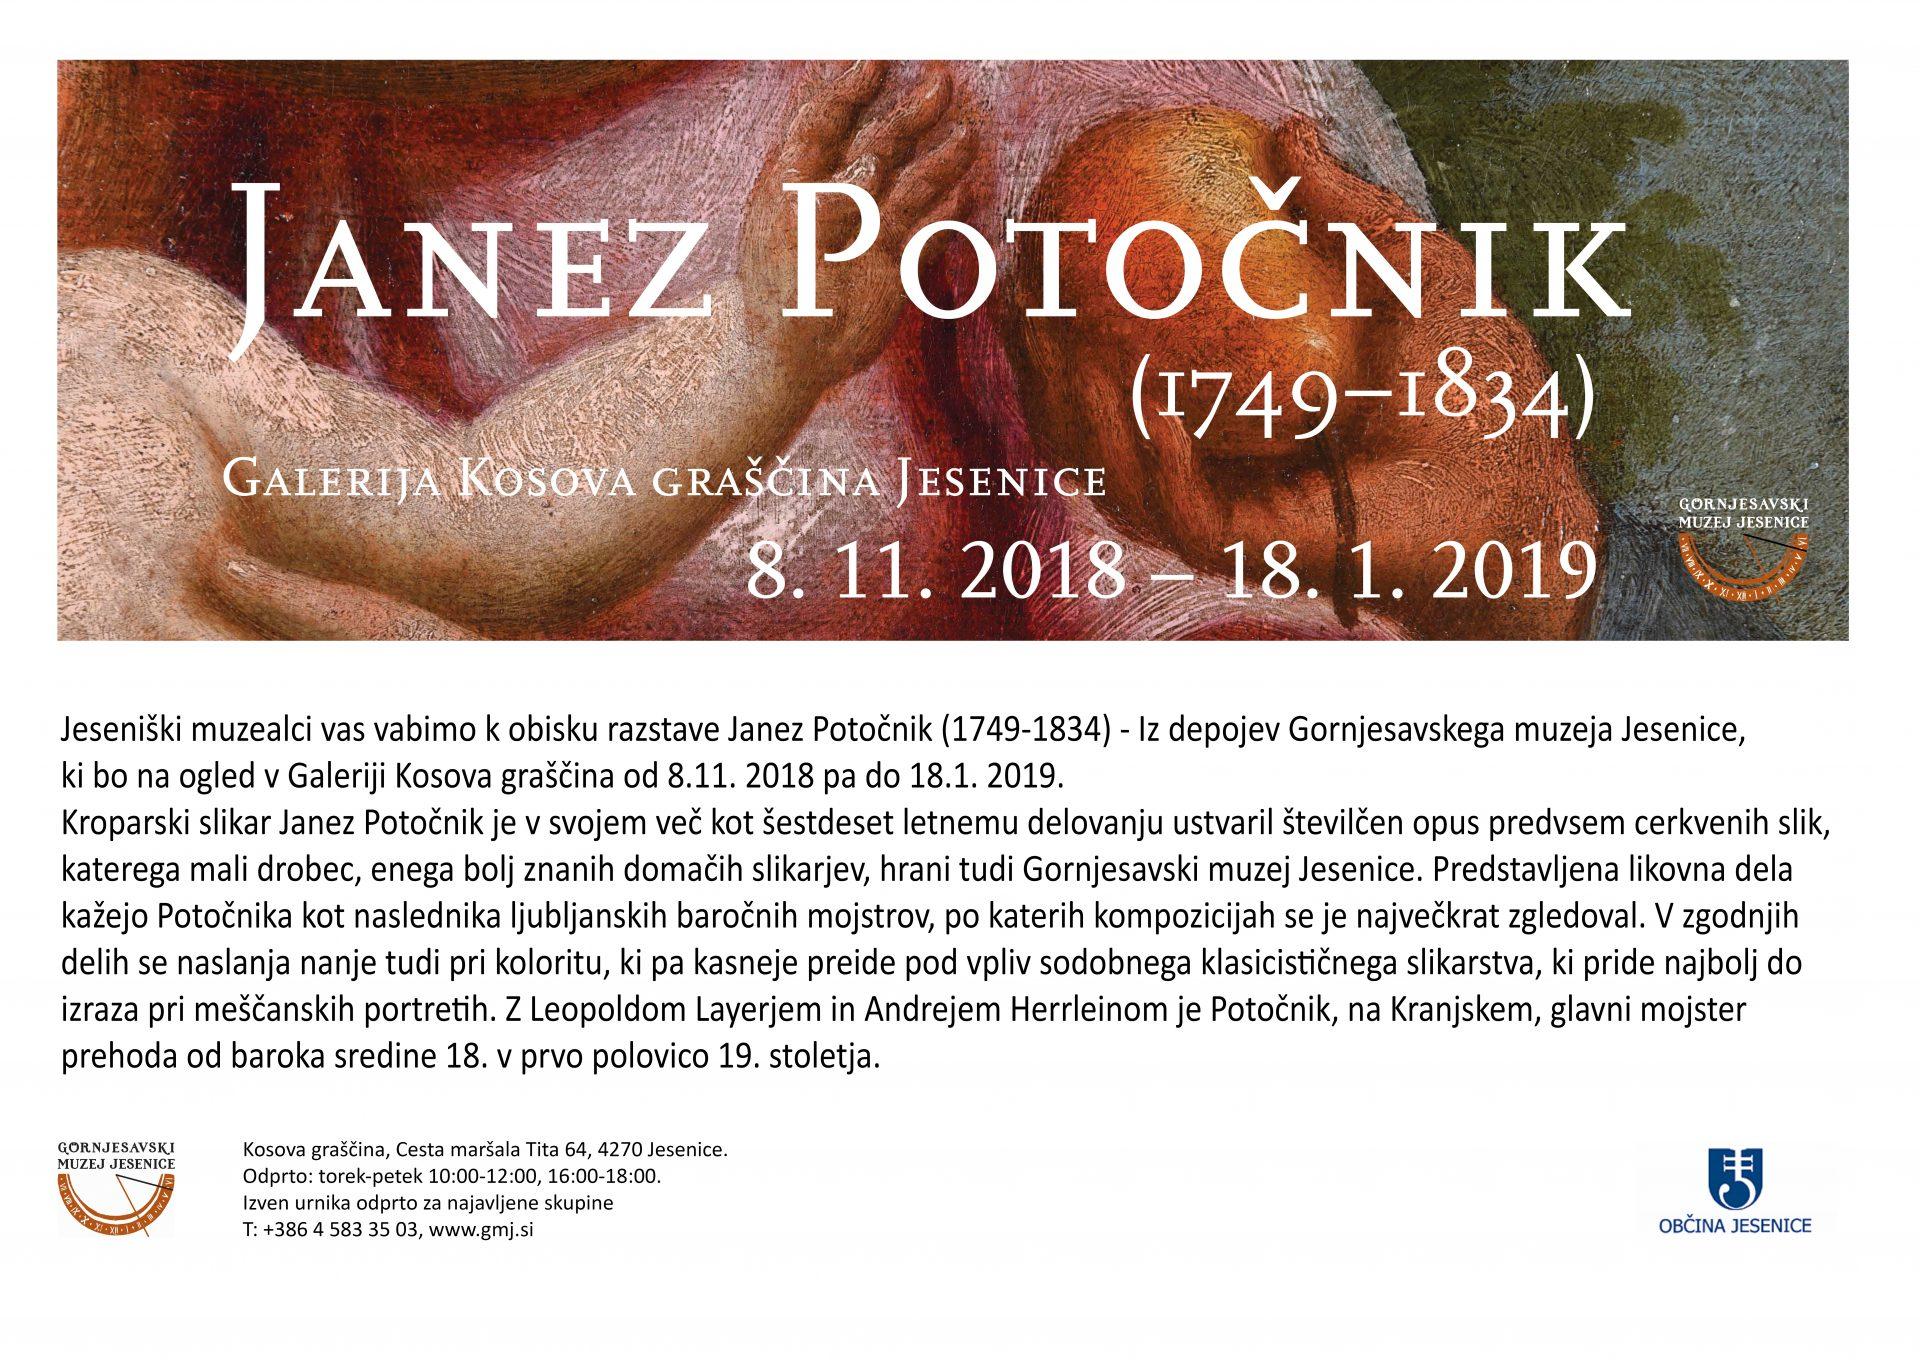 Gornjesavski, muzej, Jesenice, Janez, Potočnik, Kosova, graščina, Aljaž, Pogačnik, kustos, kurator, umetnostni, zgodovinar, muzejski, svetovalec